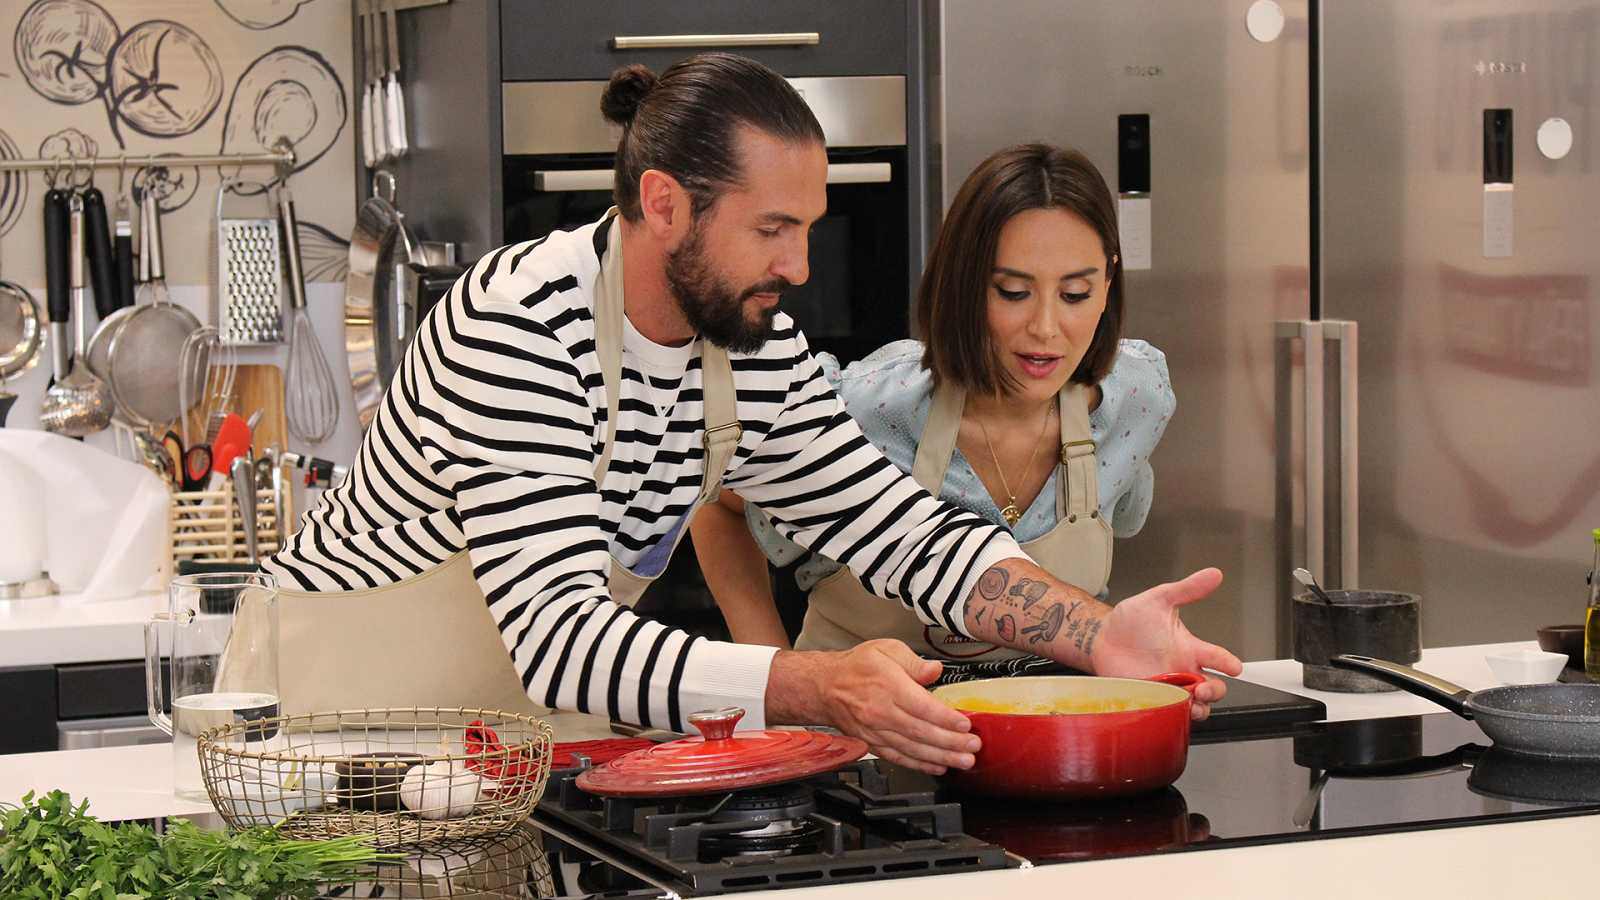 Cocina al punto con Peña y Tamara - La anguila - ver ahora